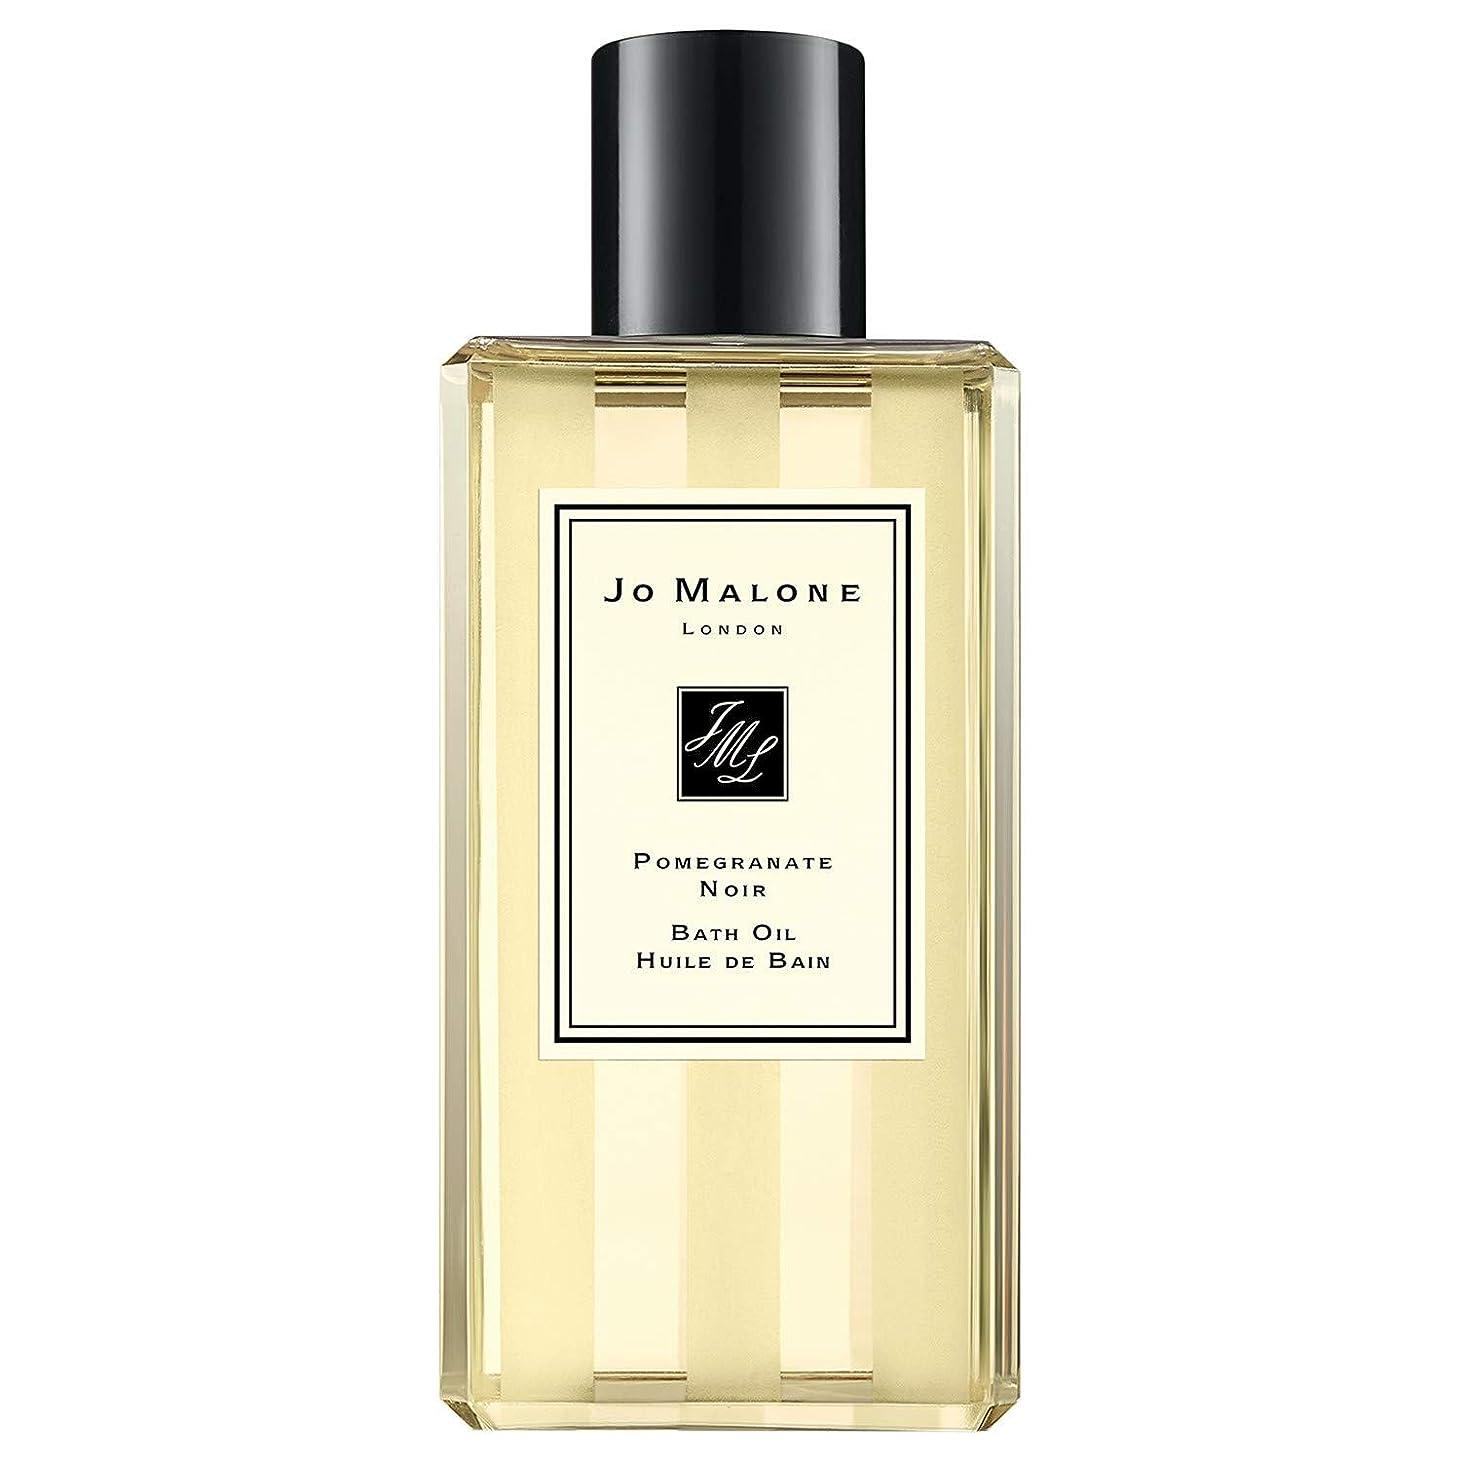 手入れ感性計画的[Jo Malone ] ジョーマローンロンドンザクロノワールバスオイル250ミリリットル - Jo Malone London Pomegranate Noir Bath Oil 250ml [並行輸入品]